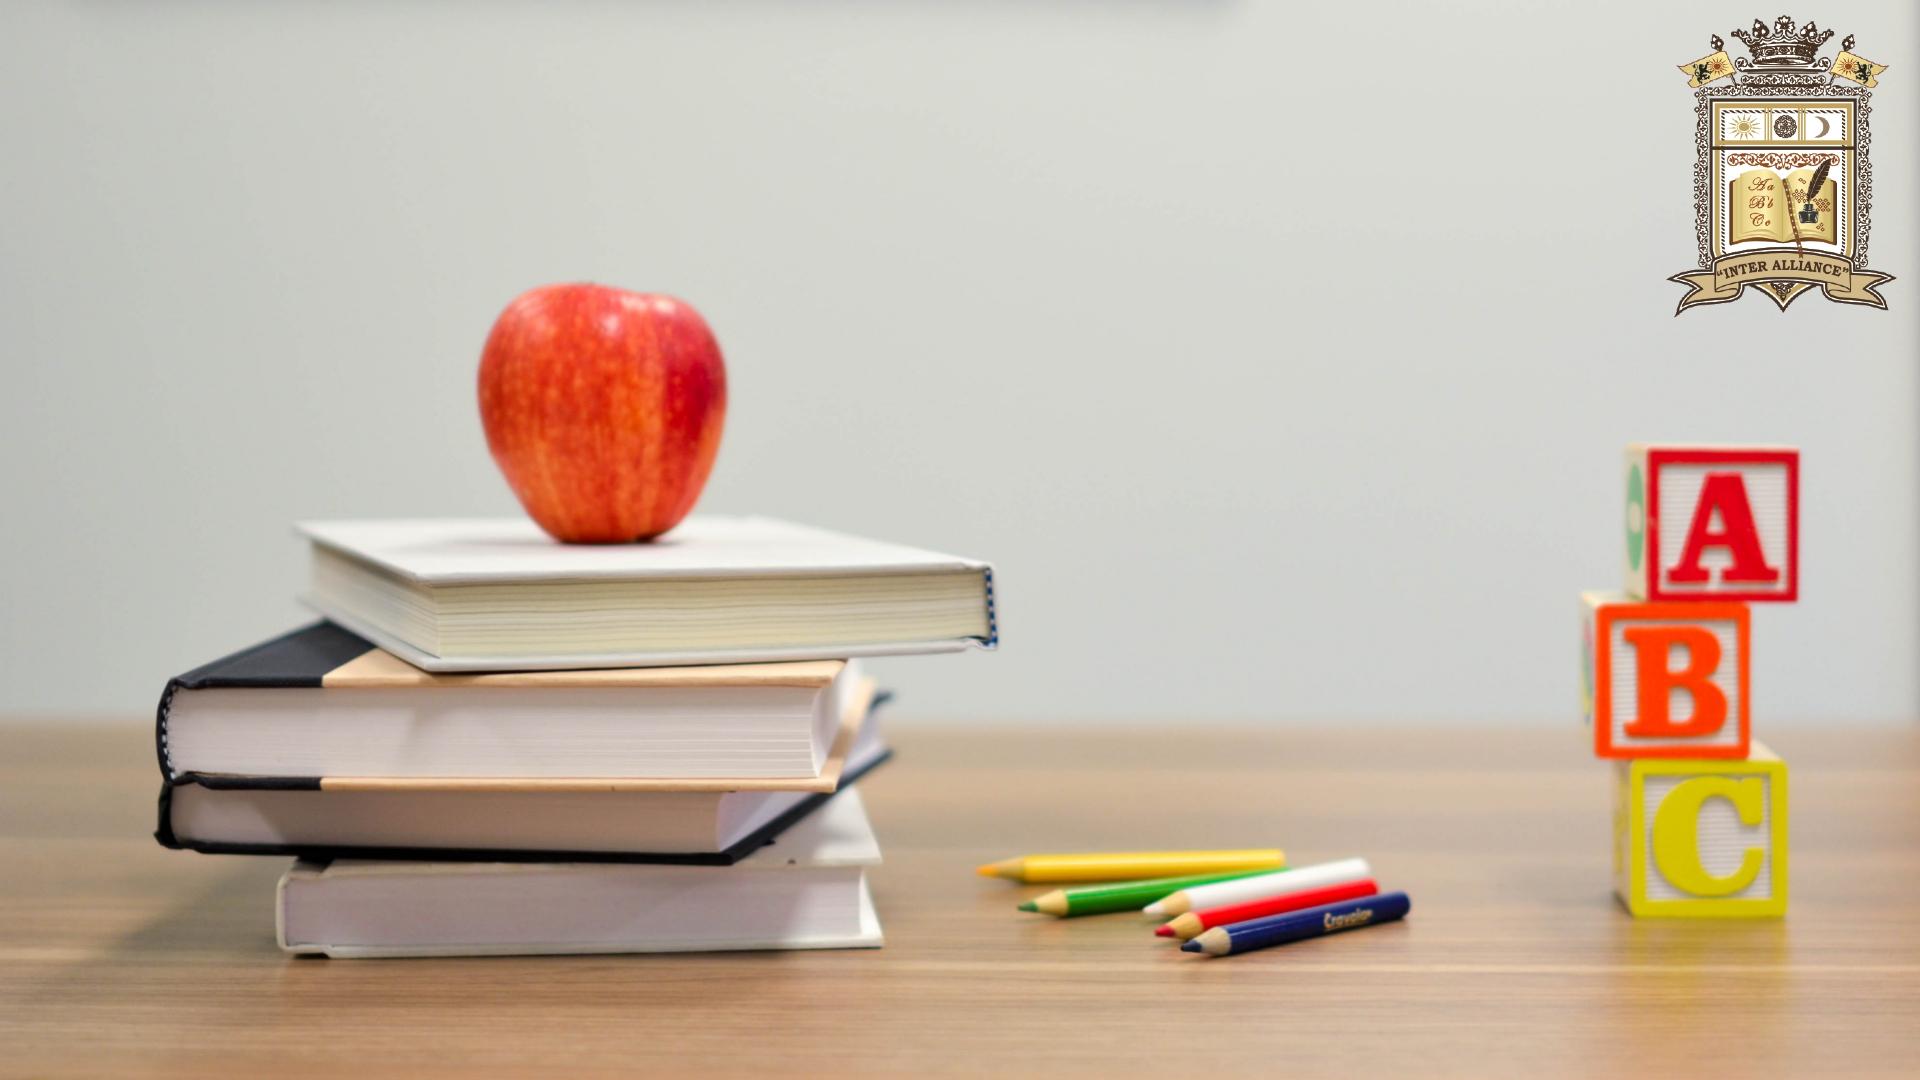 Месечни и Целогодишни Обучения за Ученици от INTER ALLIANCE